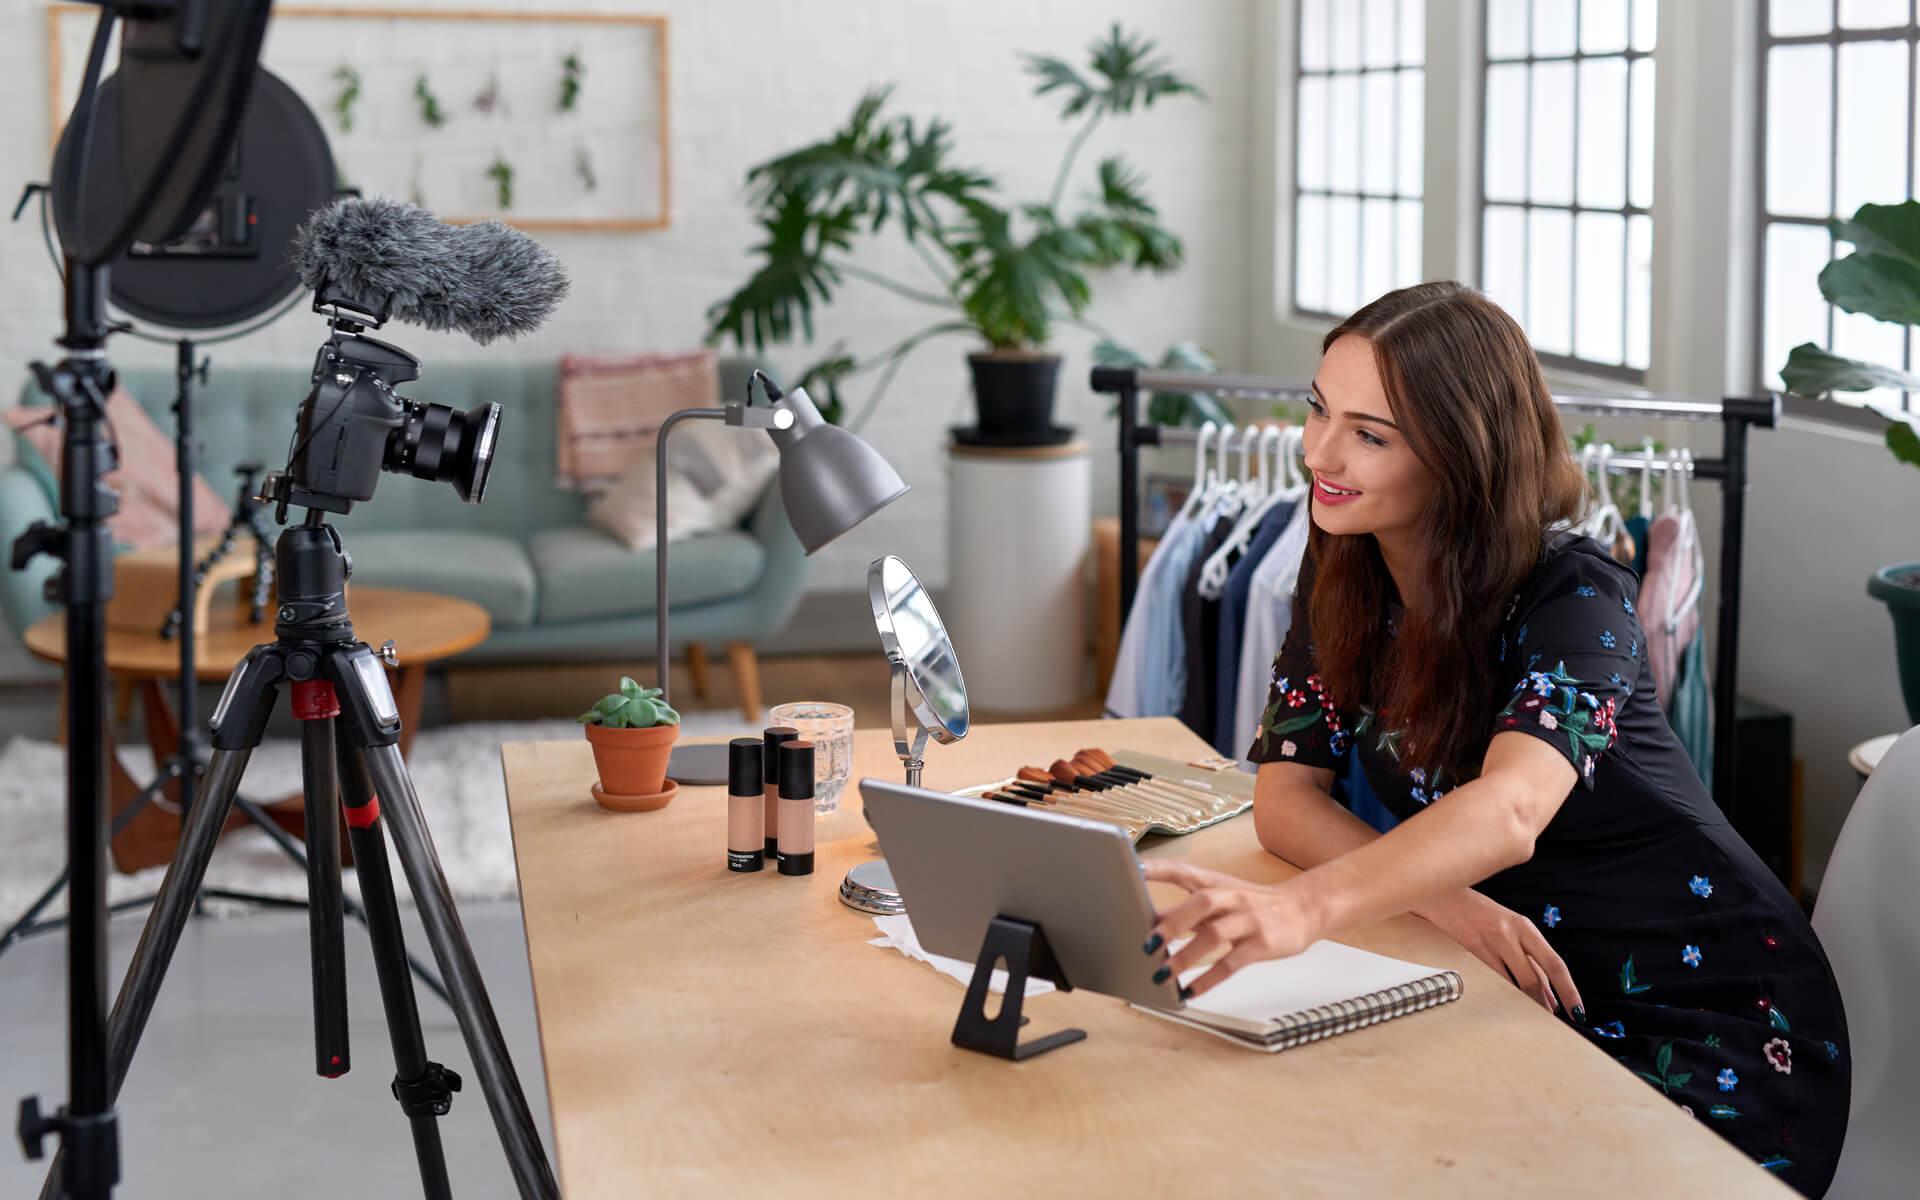 bg-influencer-marketing-woman-camera-w1920h1080